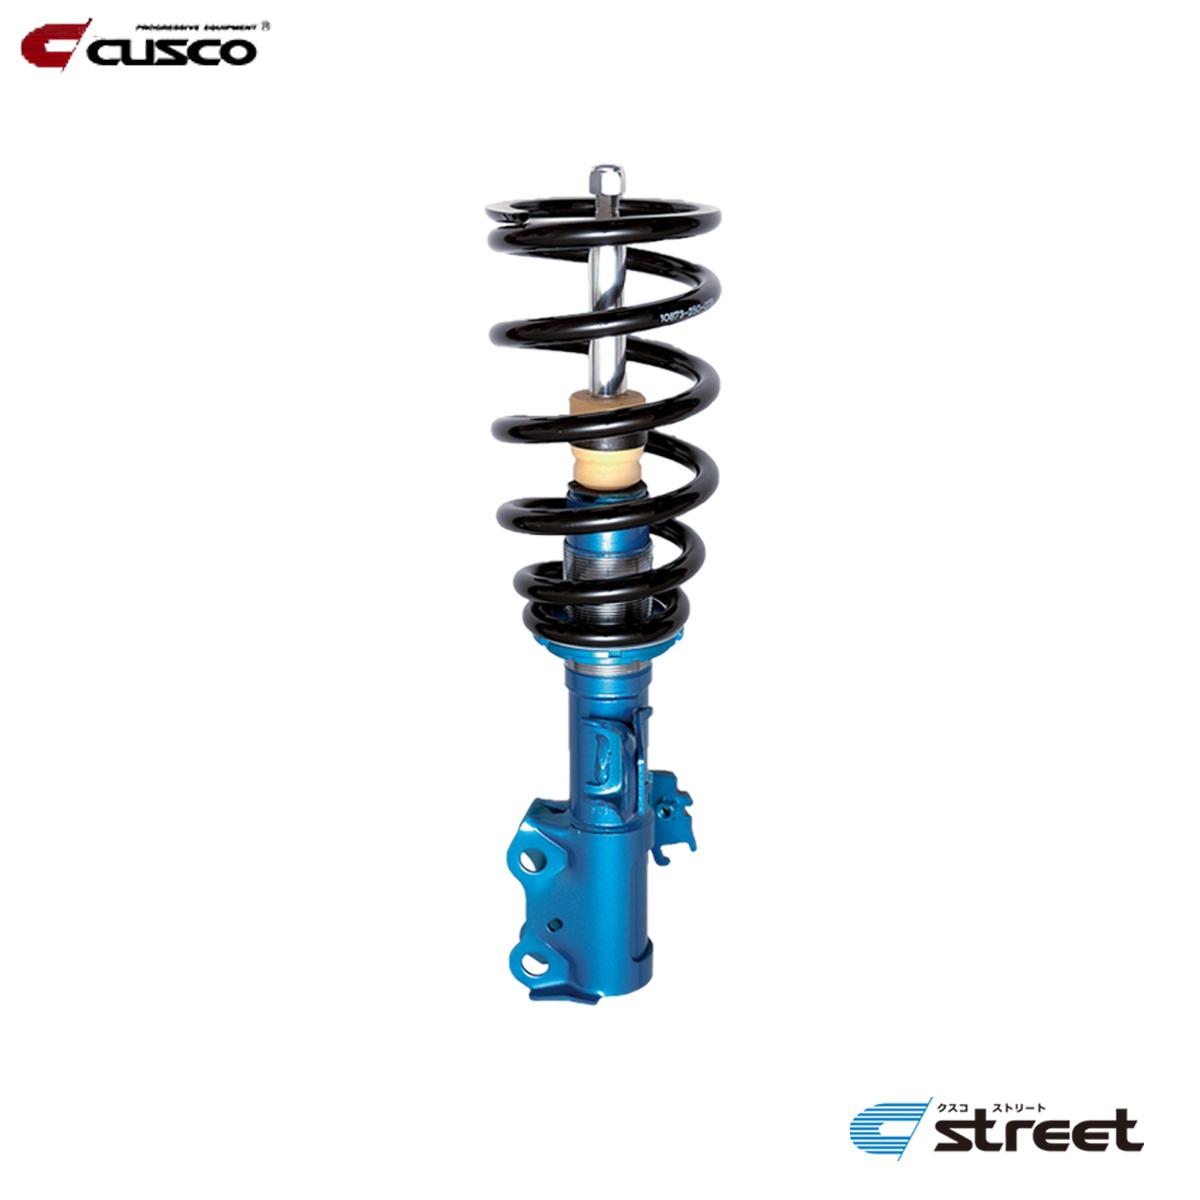 CUSCO クスコ エスティマ ACR GSR55W 車高調 全長固定式 926-62K-CBA ストリートA STREET A